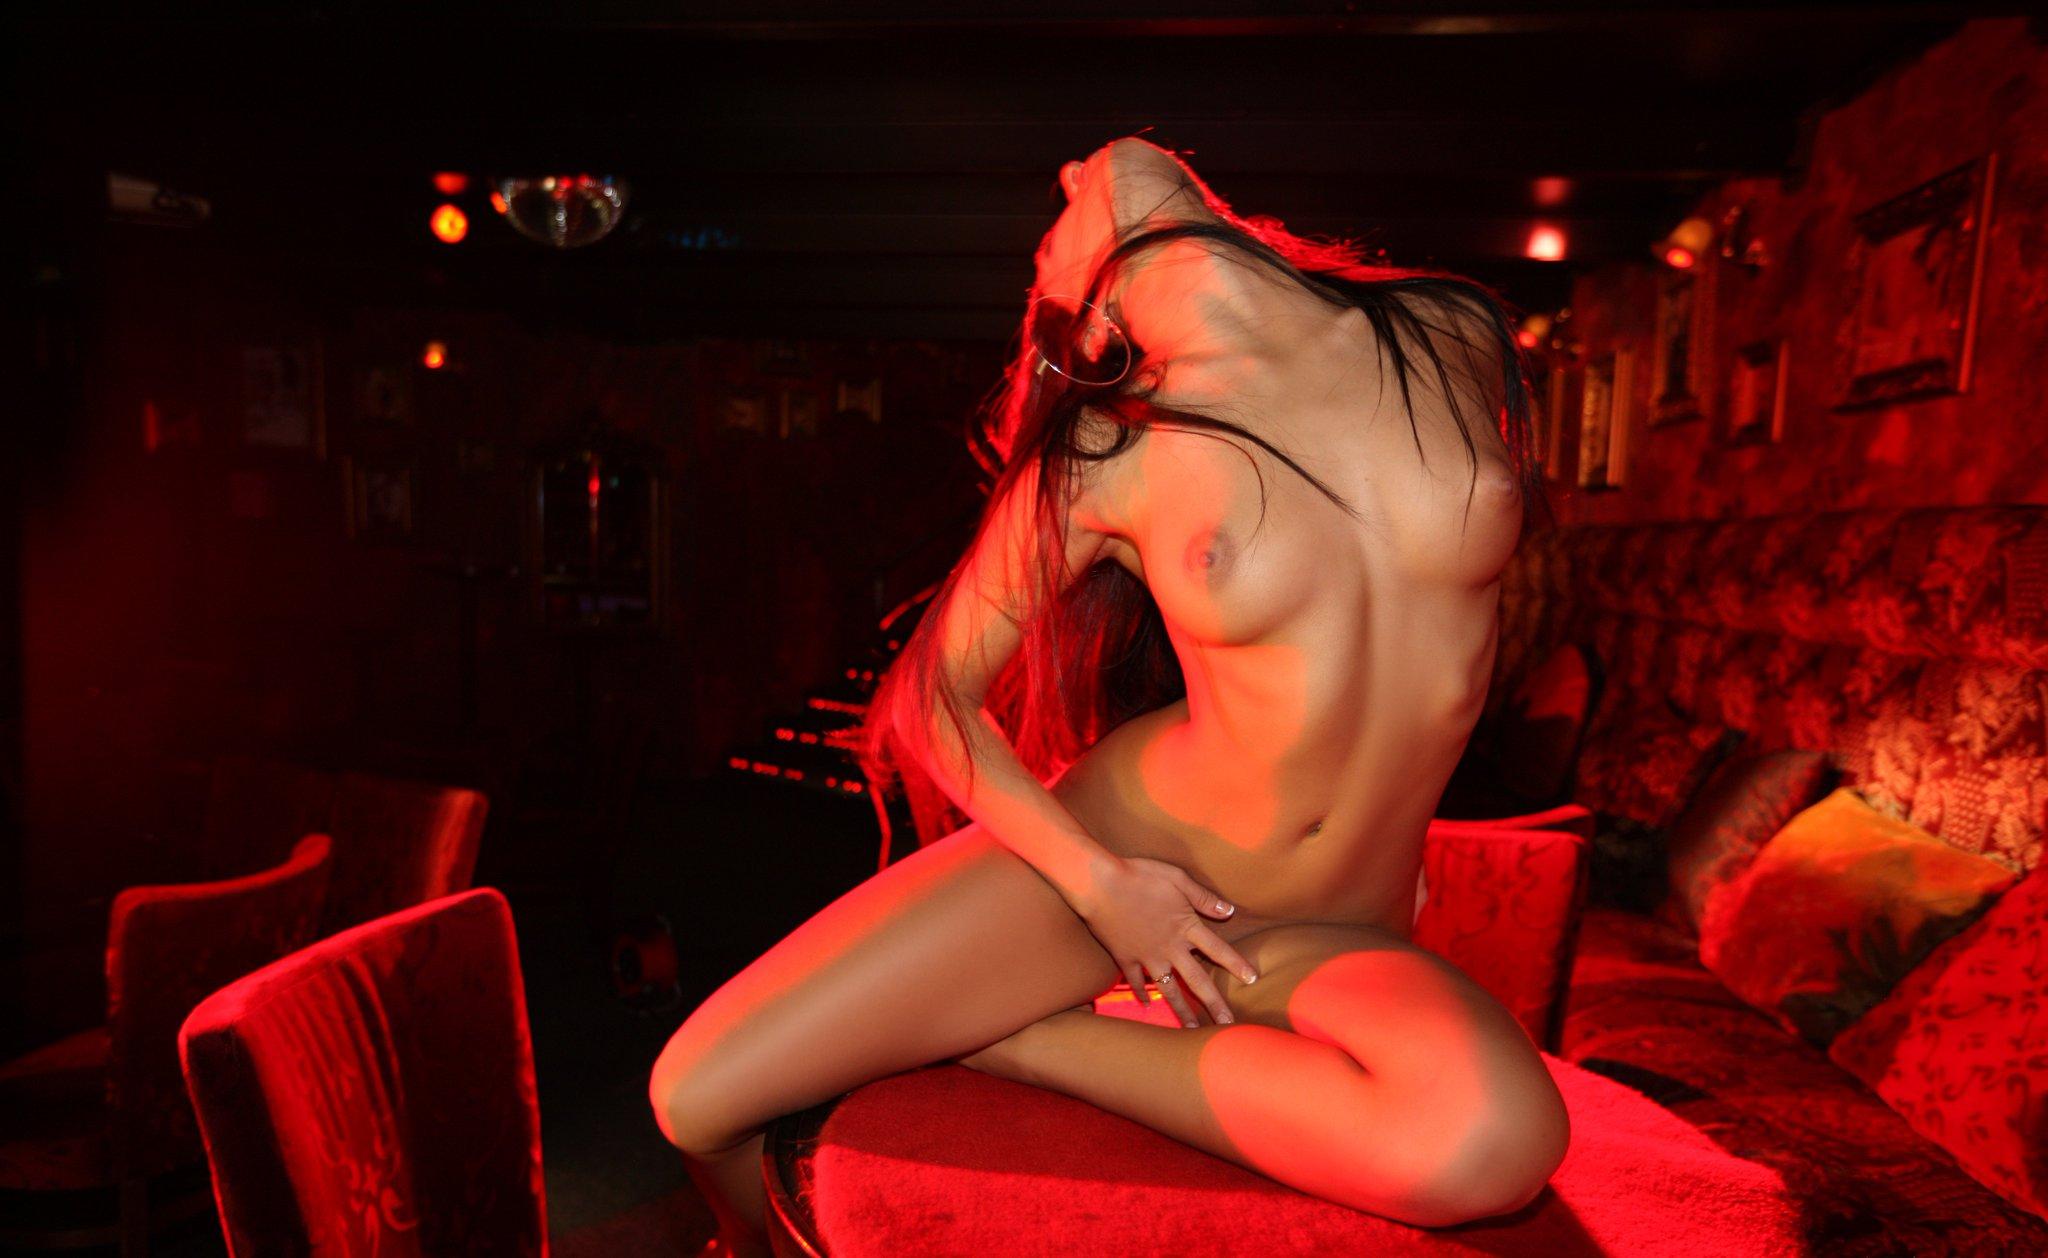 Смотреть бесплатно стриптиз, Стриптиз - Смотреть порно онлайн, секс видео бесплатно 17 фотография